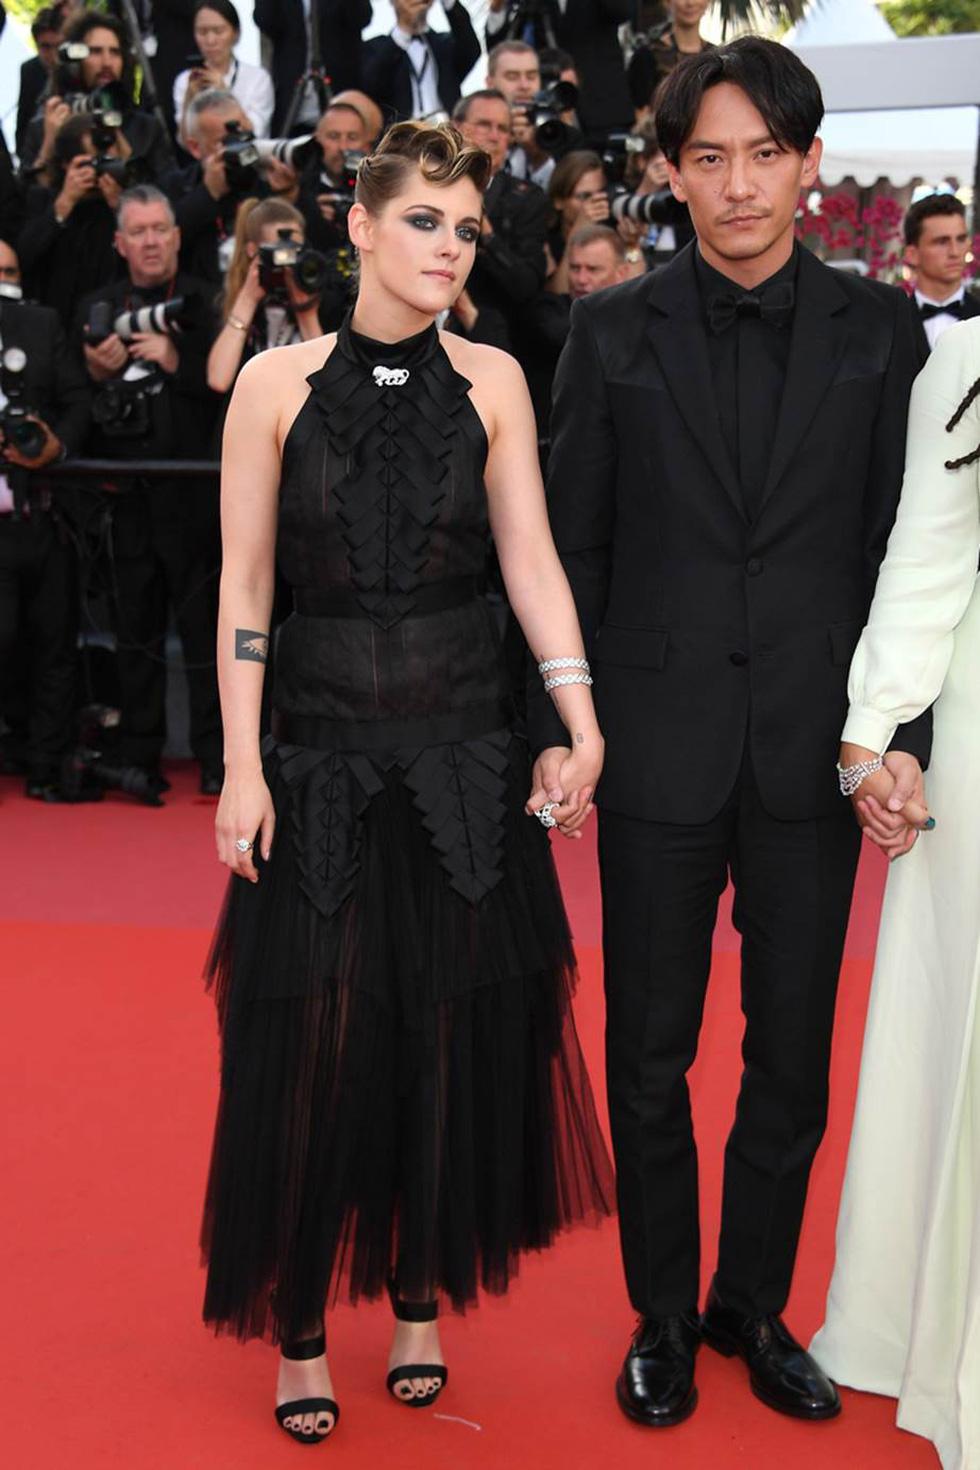 Cate Blanchett mặc đồ cũ, dàn sao nữ lộng lẫy trên thảm đỏ Cannes - Ảnh 6.